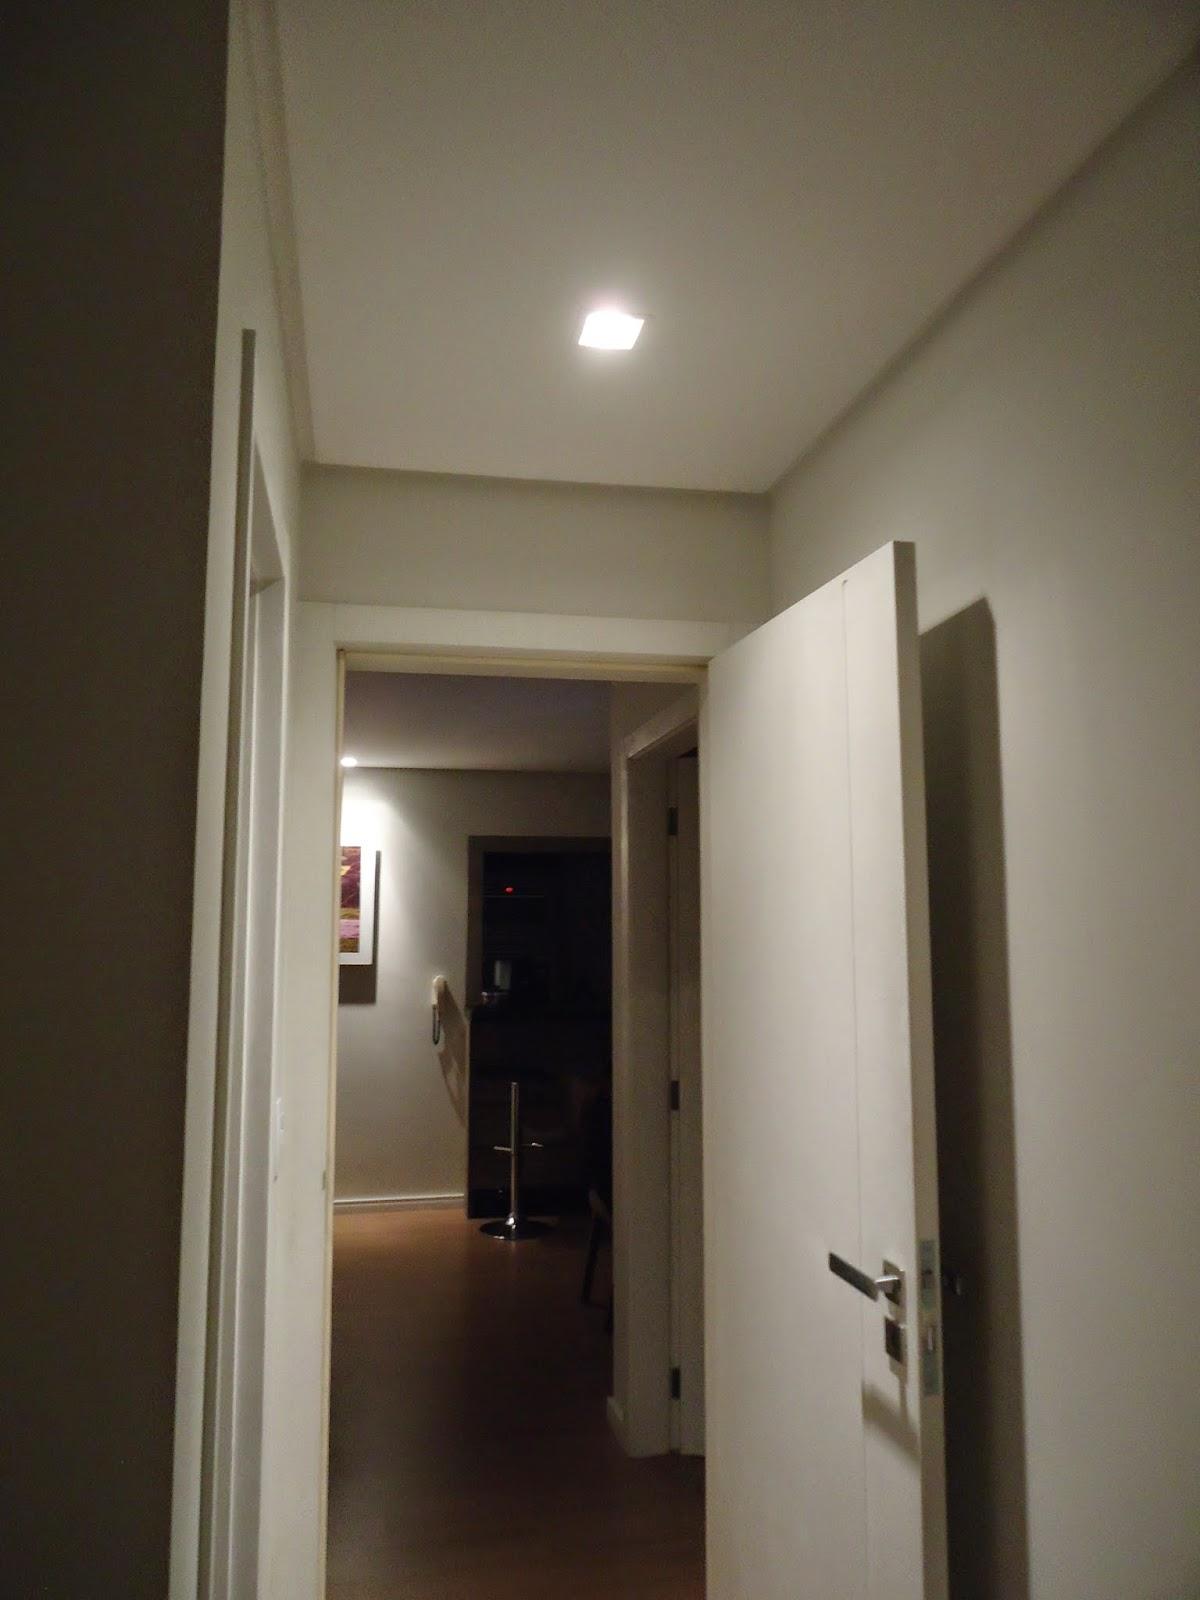 Nossa suíte tem um Hall de entrada (pequeno) também colocamos uma  #31281E 1200 1600